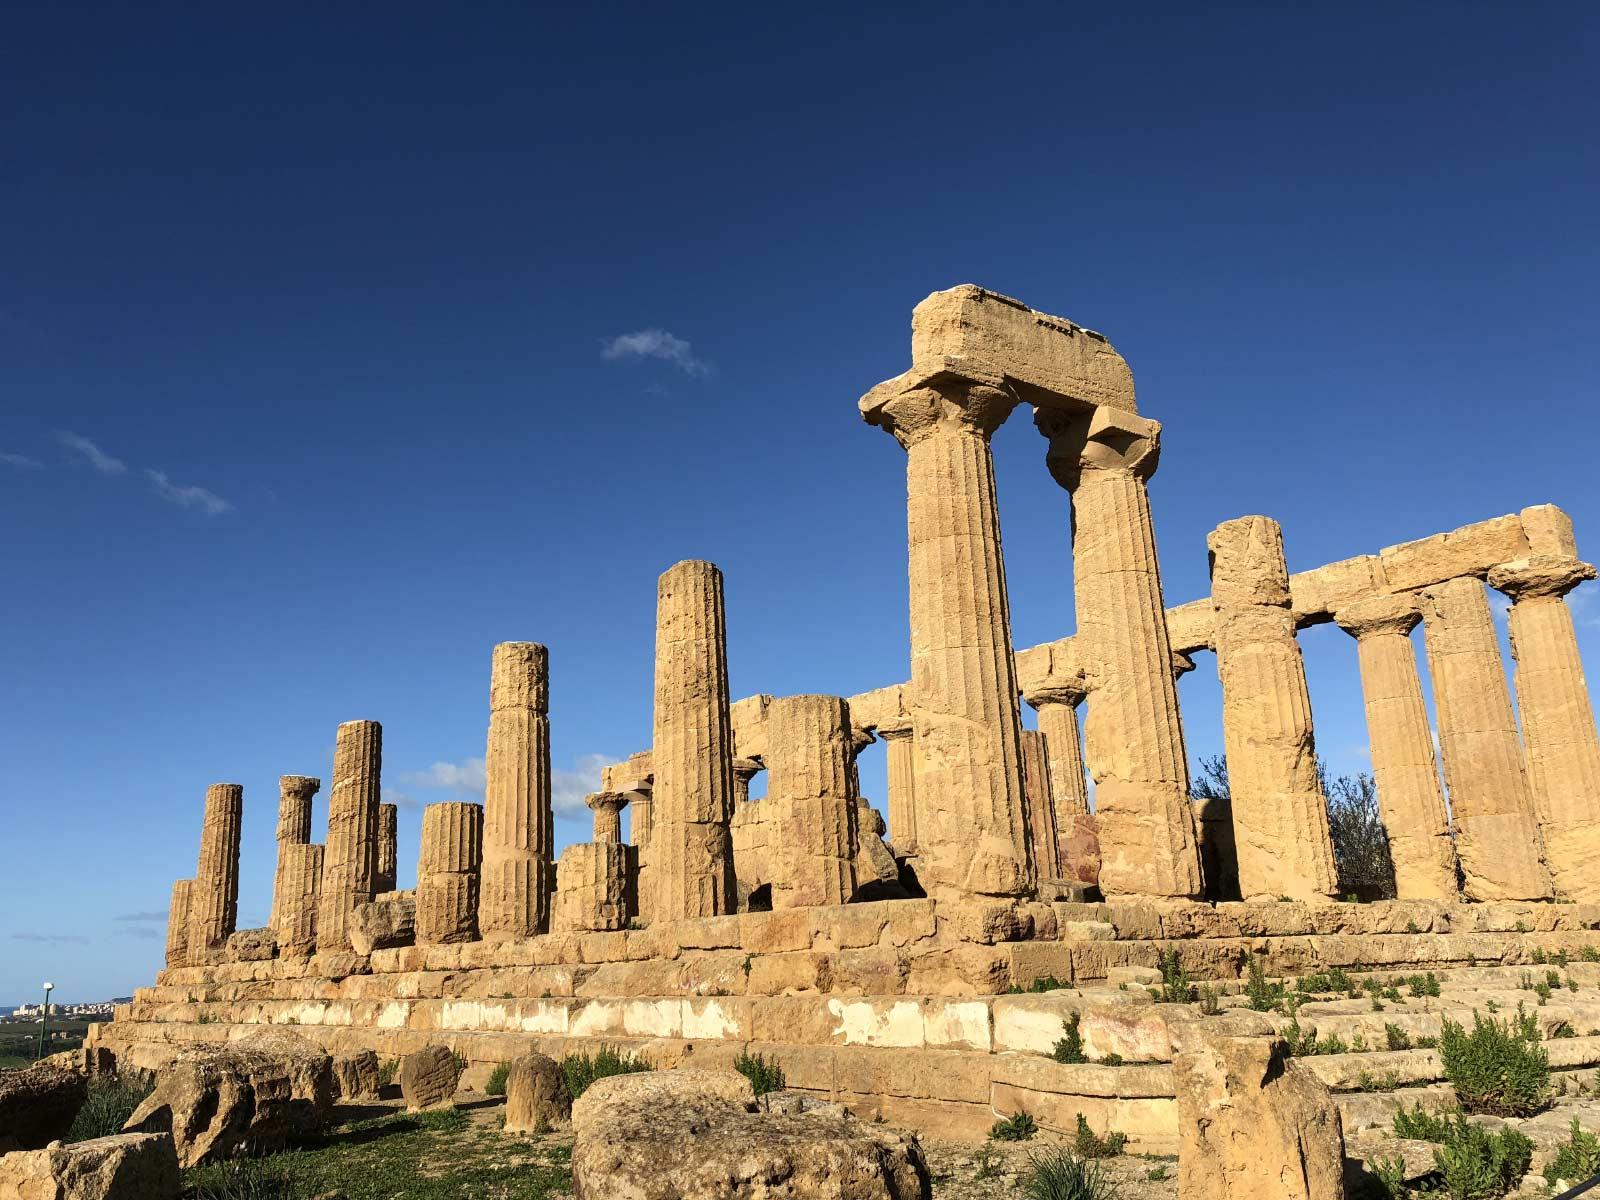 Il tempio di Giunone nella valle dei templi di Agrigento con il cielo azzurro sullo sfondo